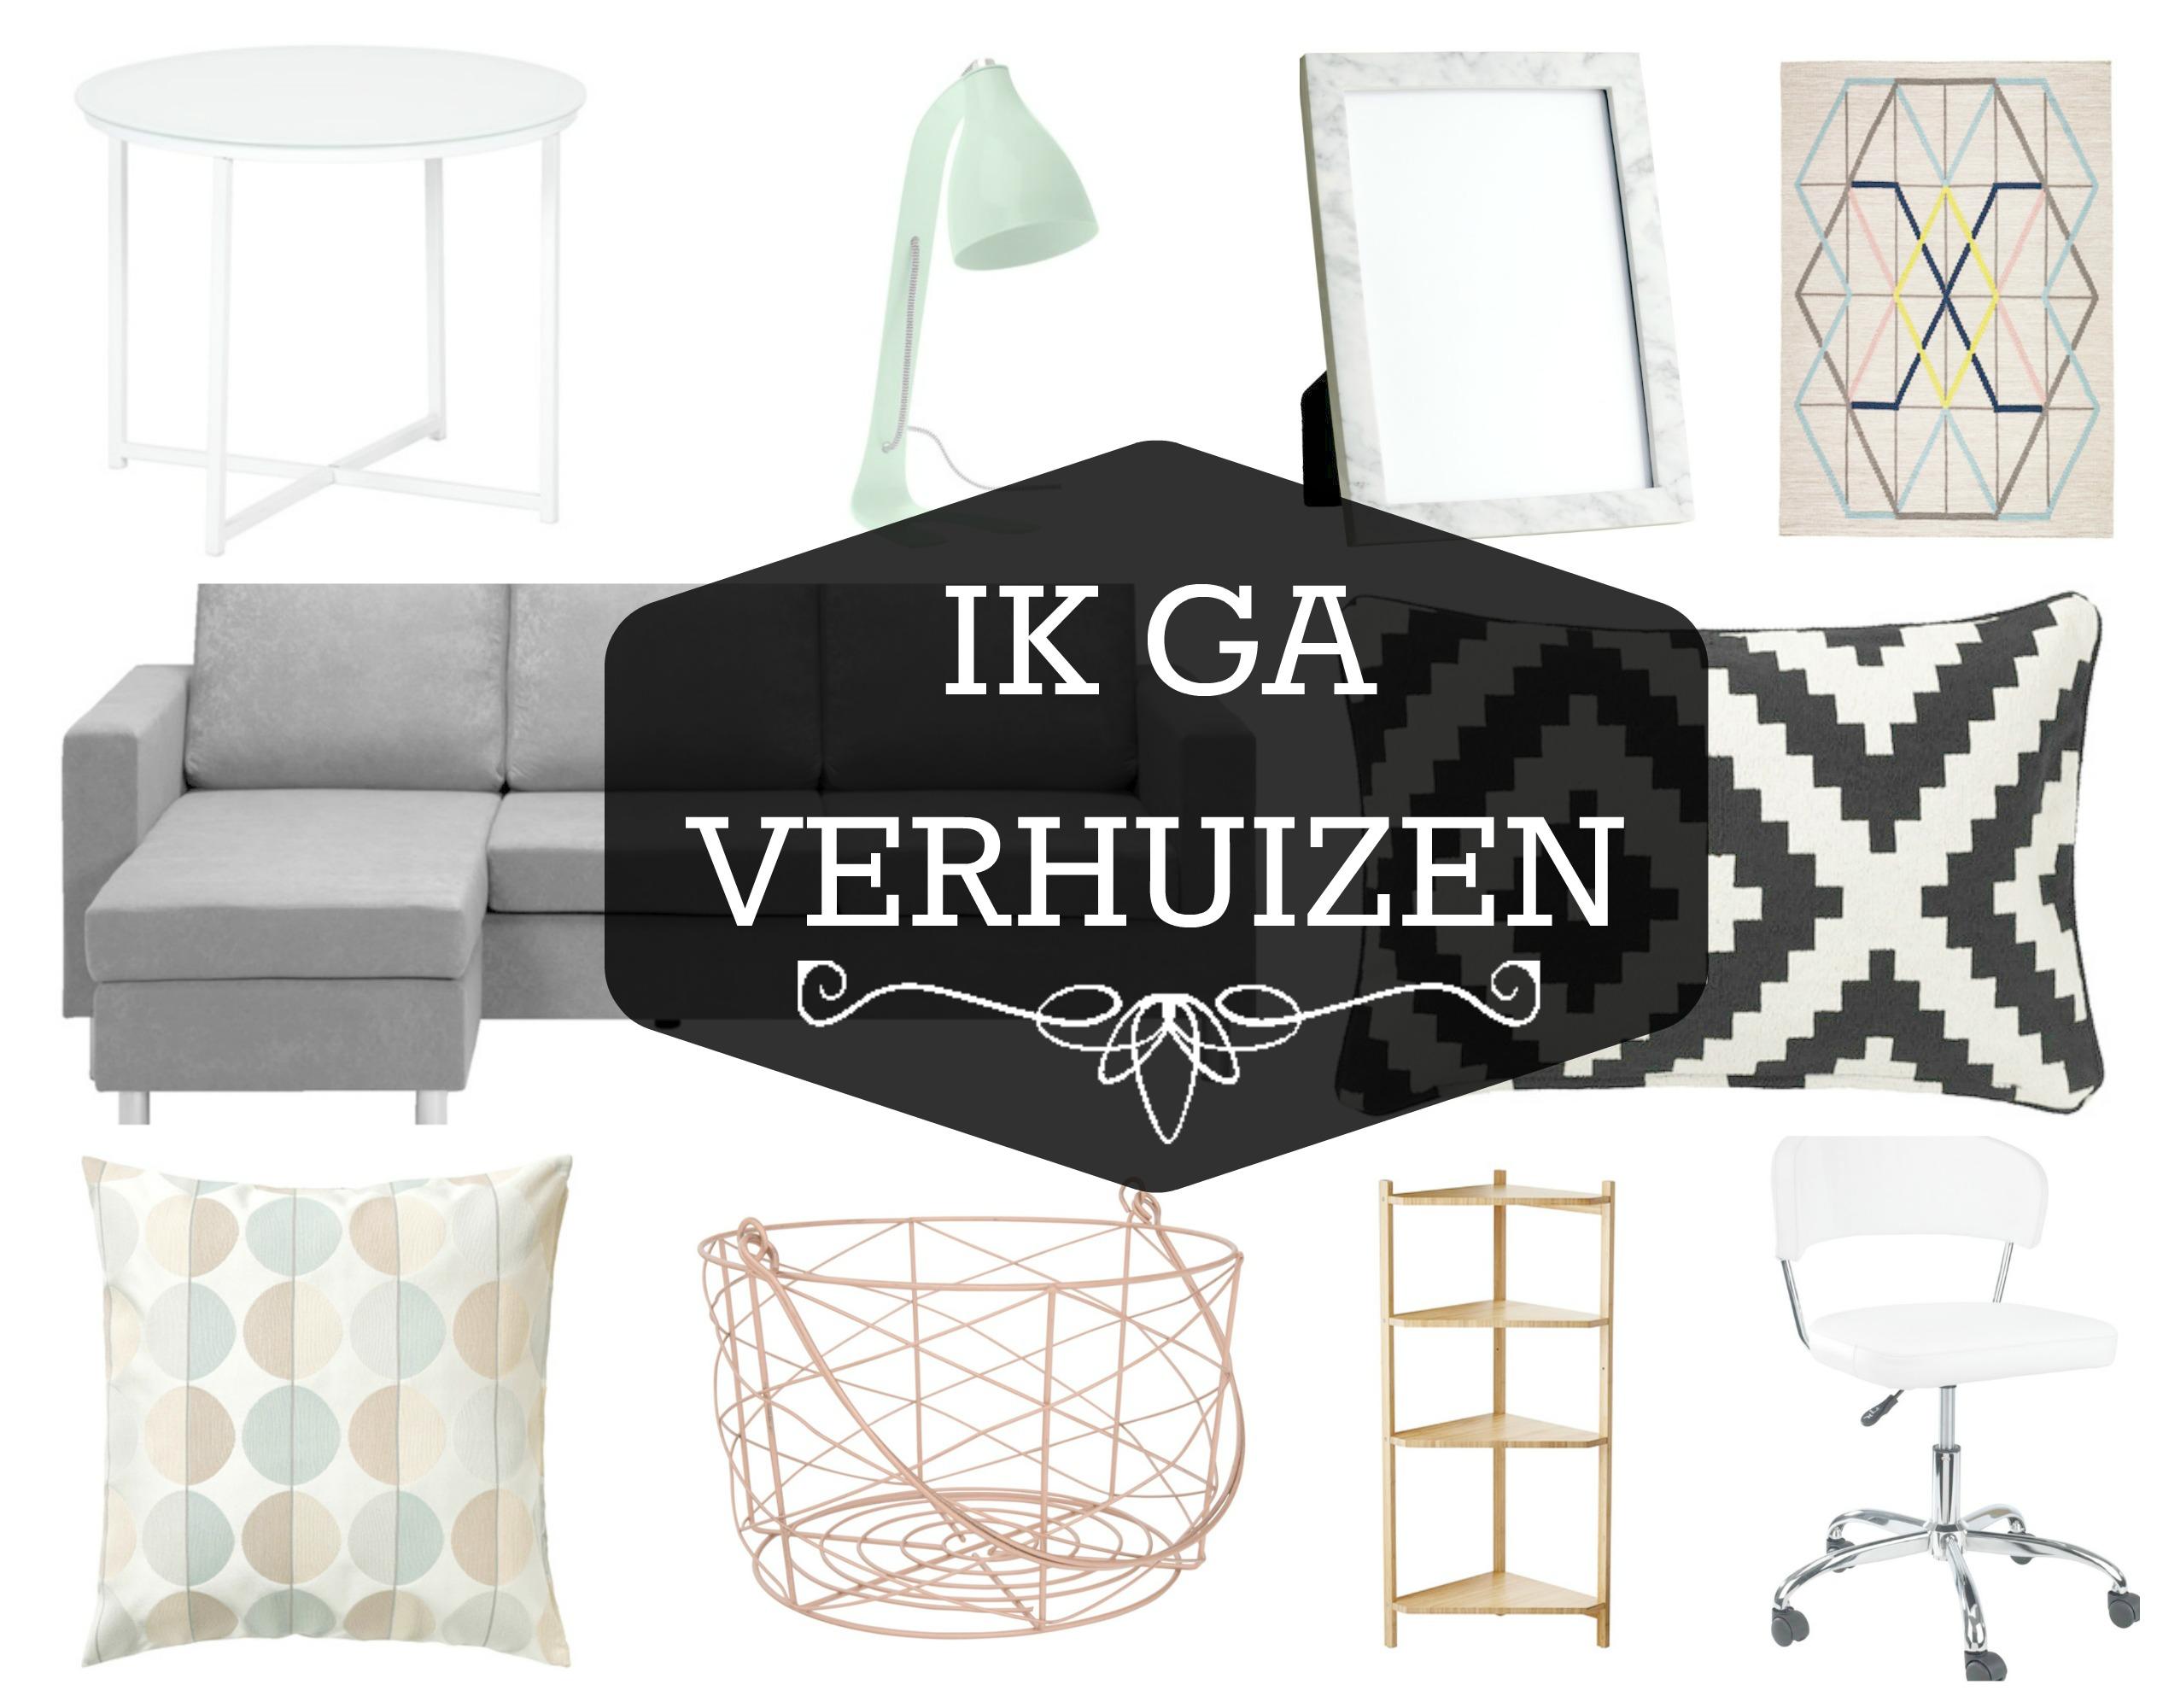 Verwonderend Ik ga verhuizen - mevrouwmiauw.nl CB-59